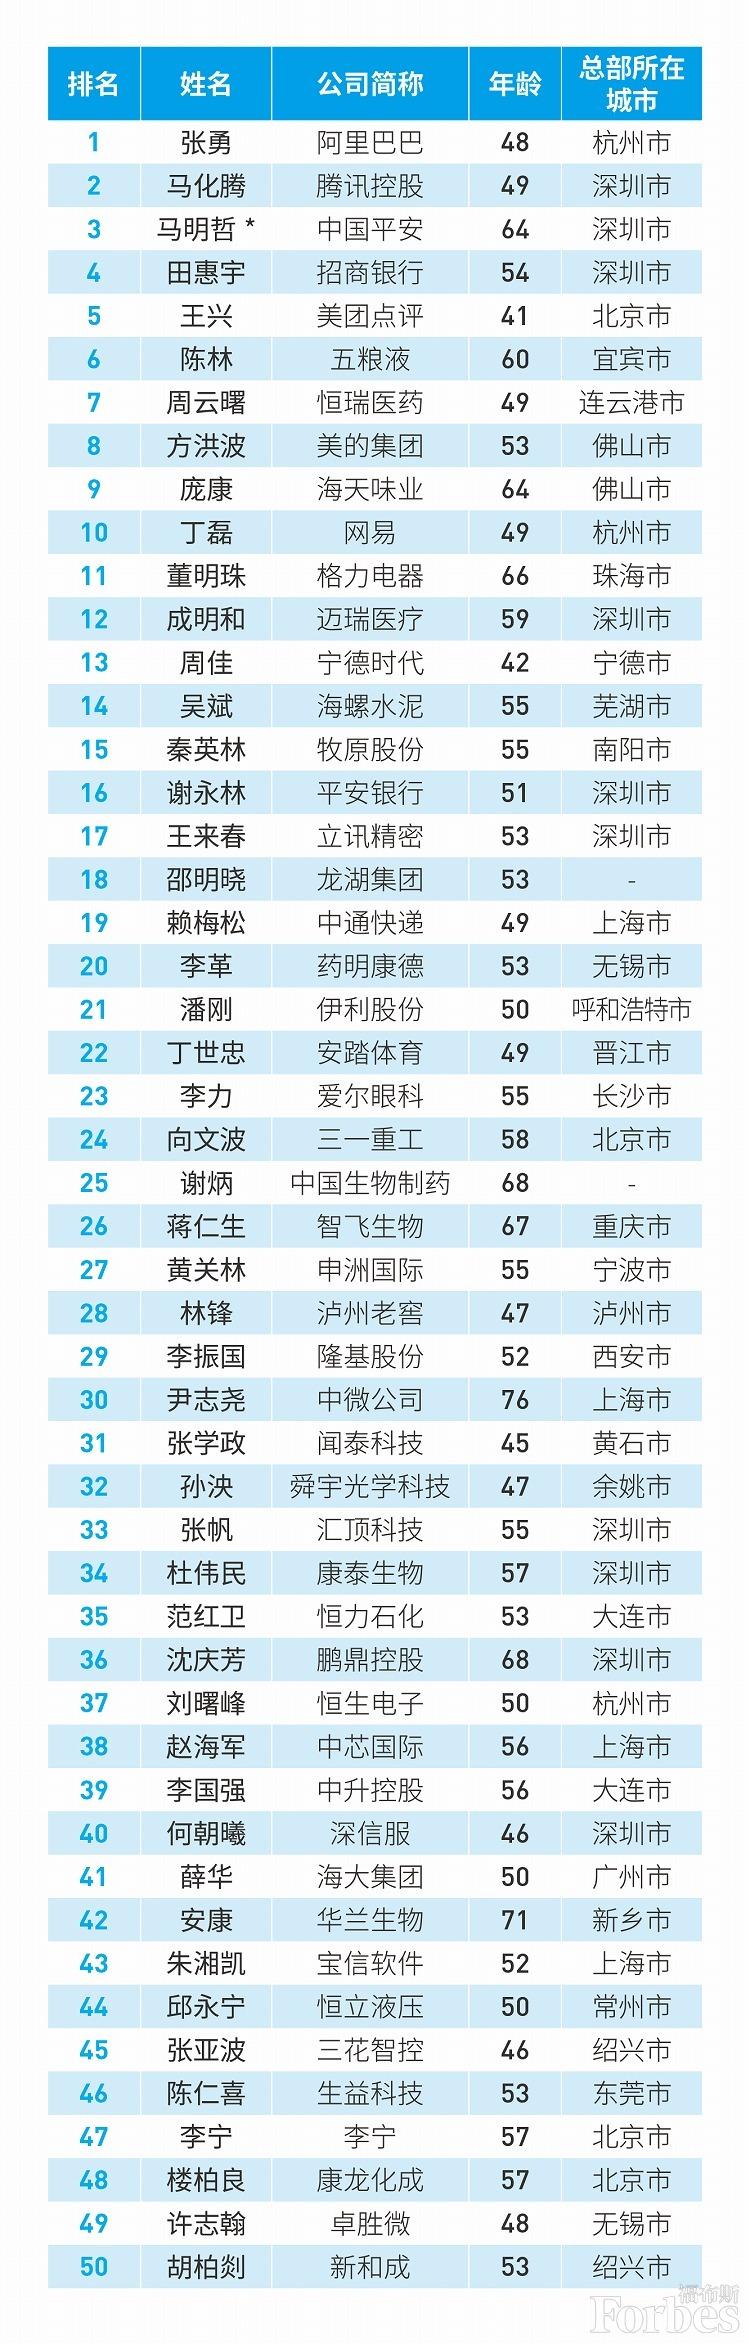 福布斯中国最佳首席执行官榜单:马、、马明哲位列前三